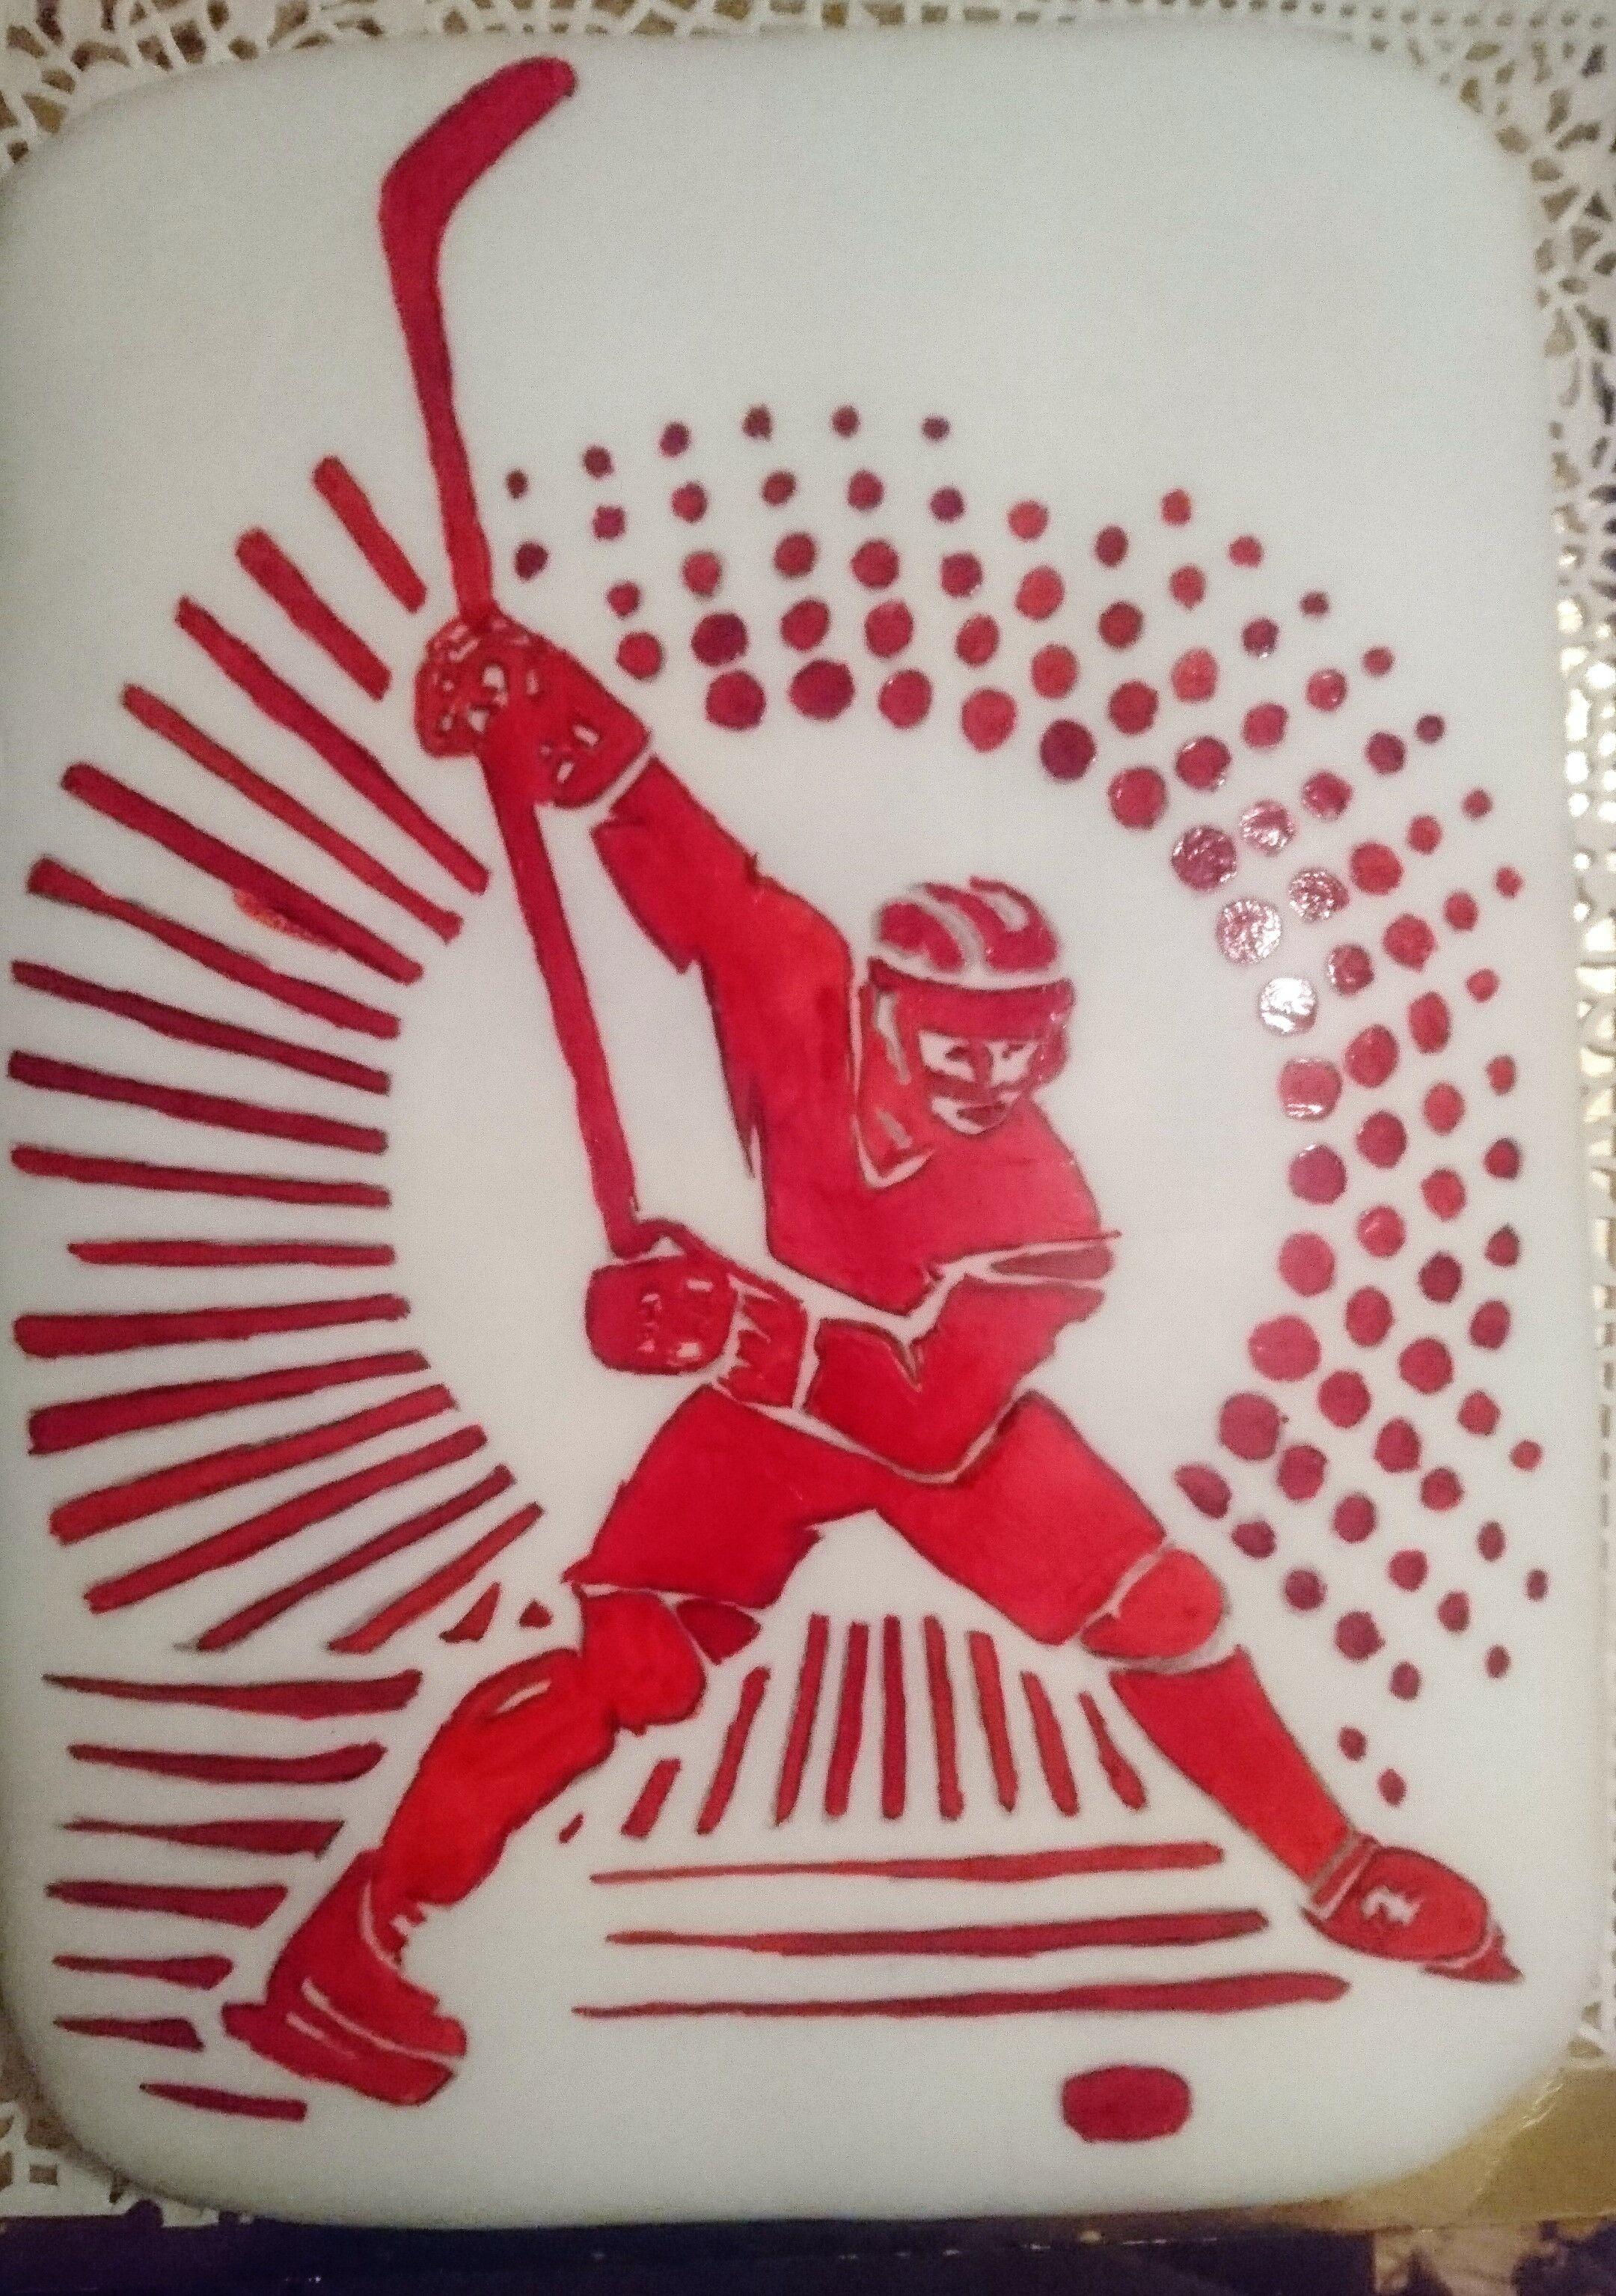 Jégkorongozós torta